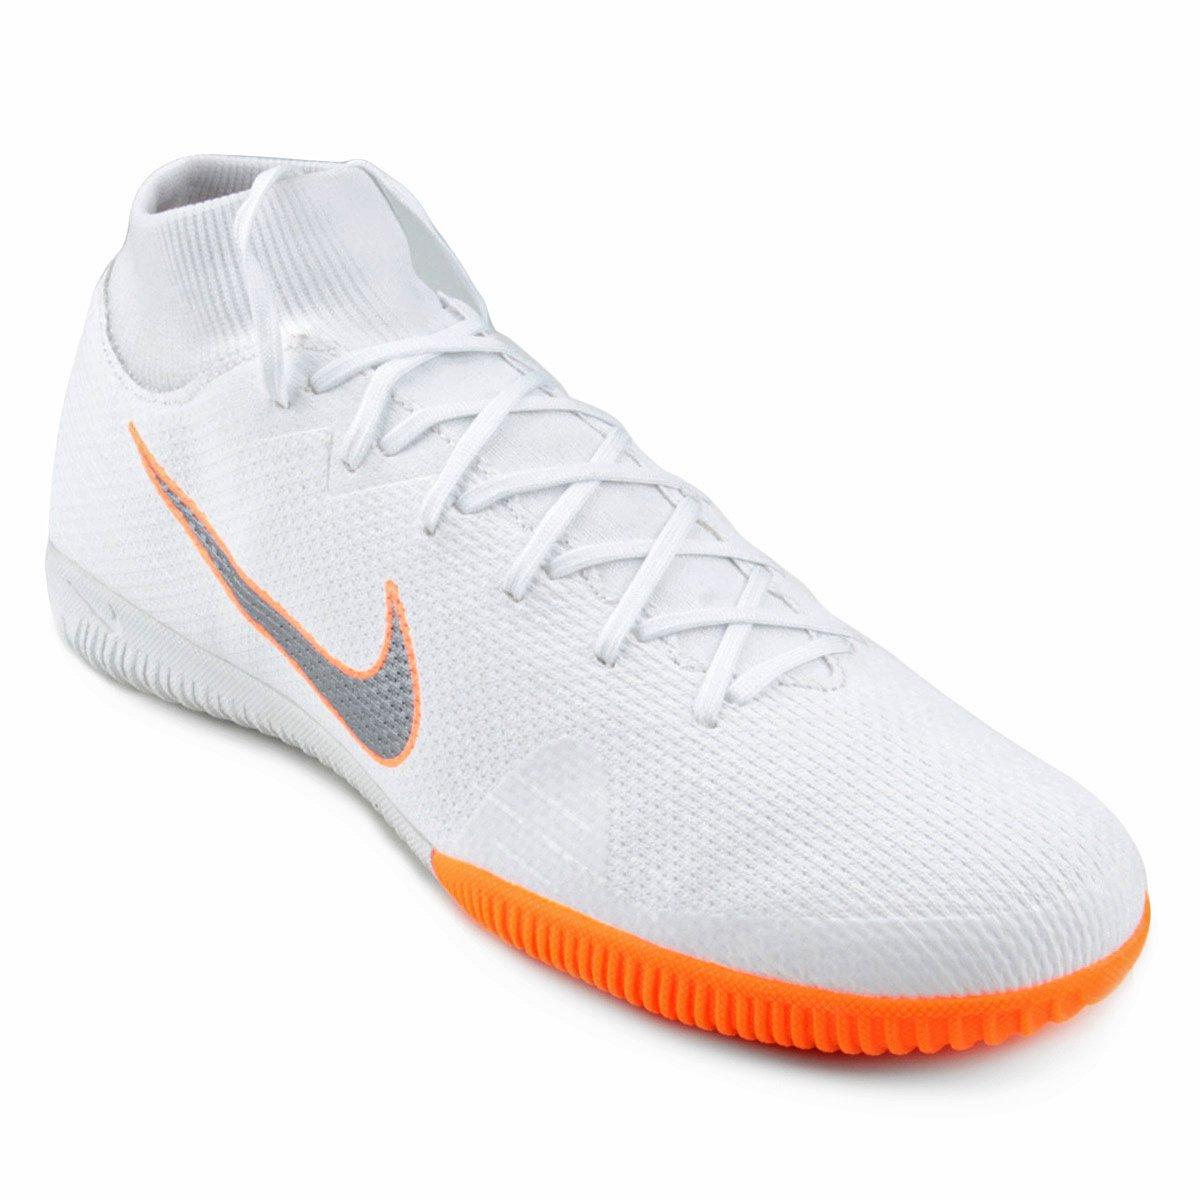 brillante n color características sobresalientes nuevas imágenes de Chuteira Futsal Nike Mercurial Superfly 6 Academy - Branco e Cinza